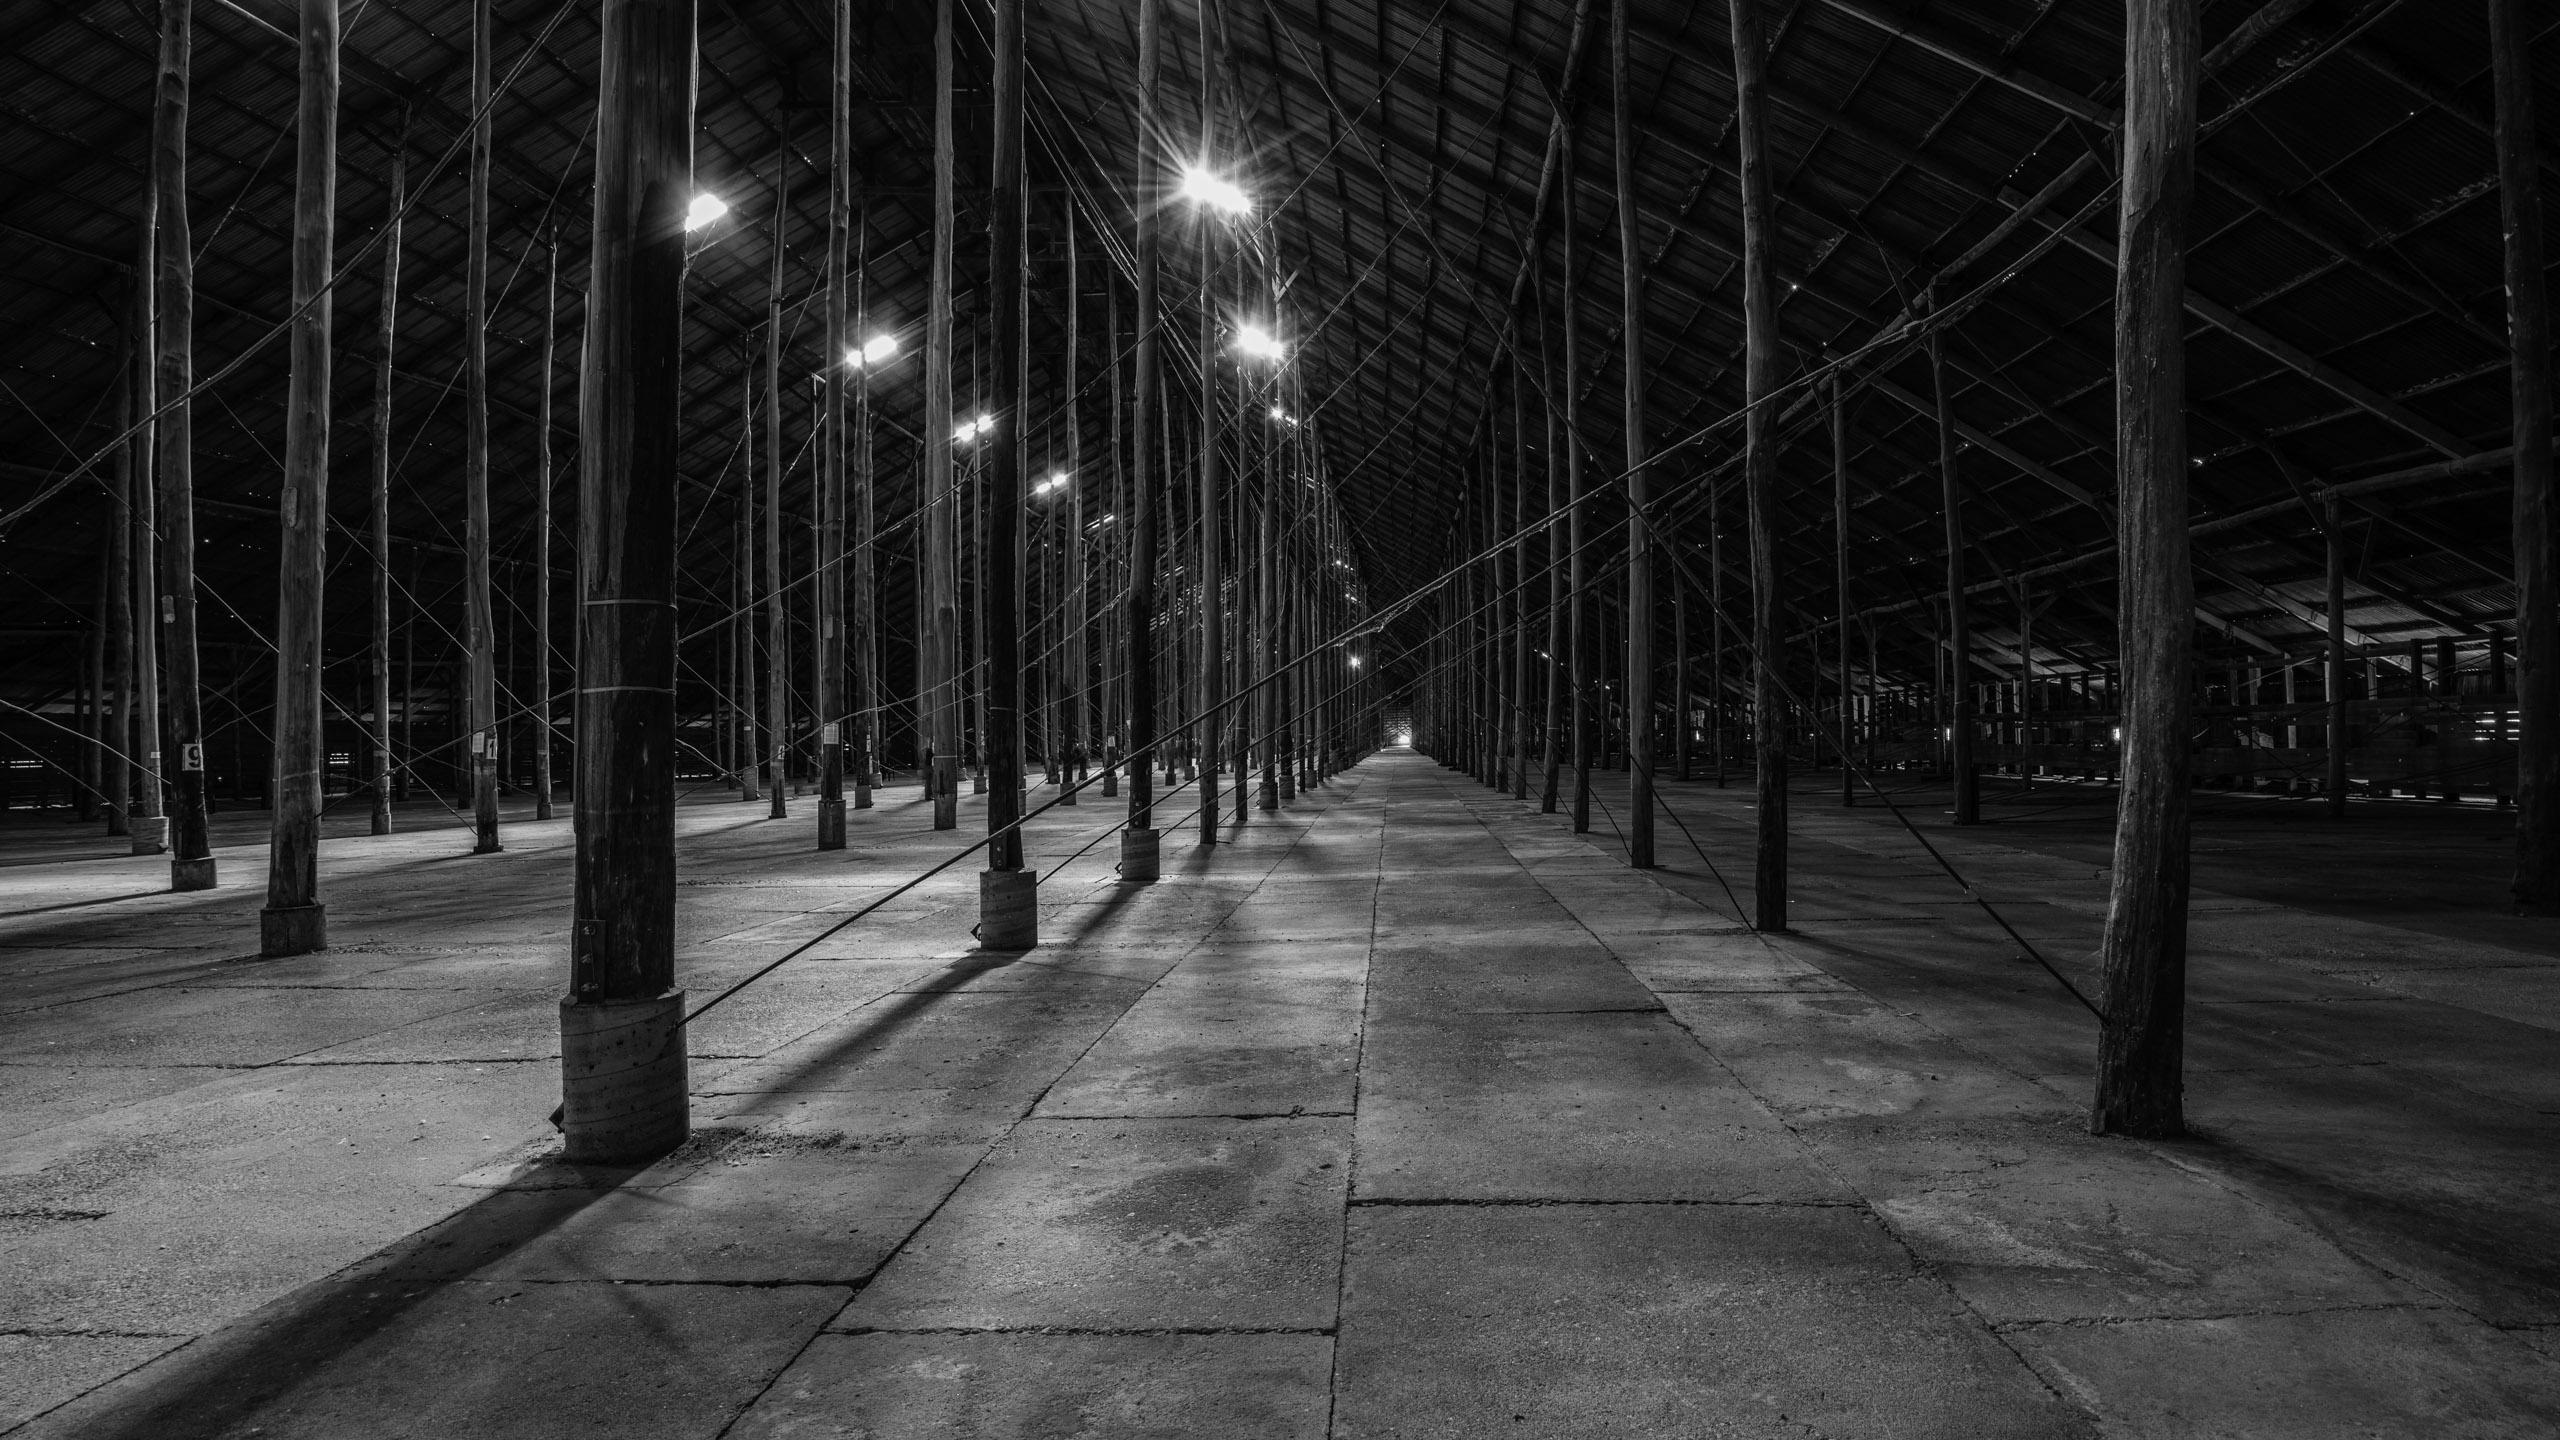 Murtoa stick shed